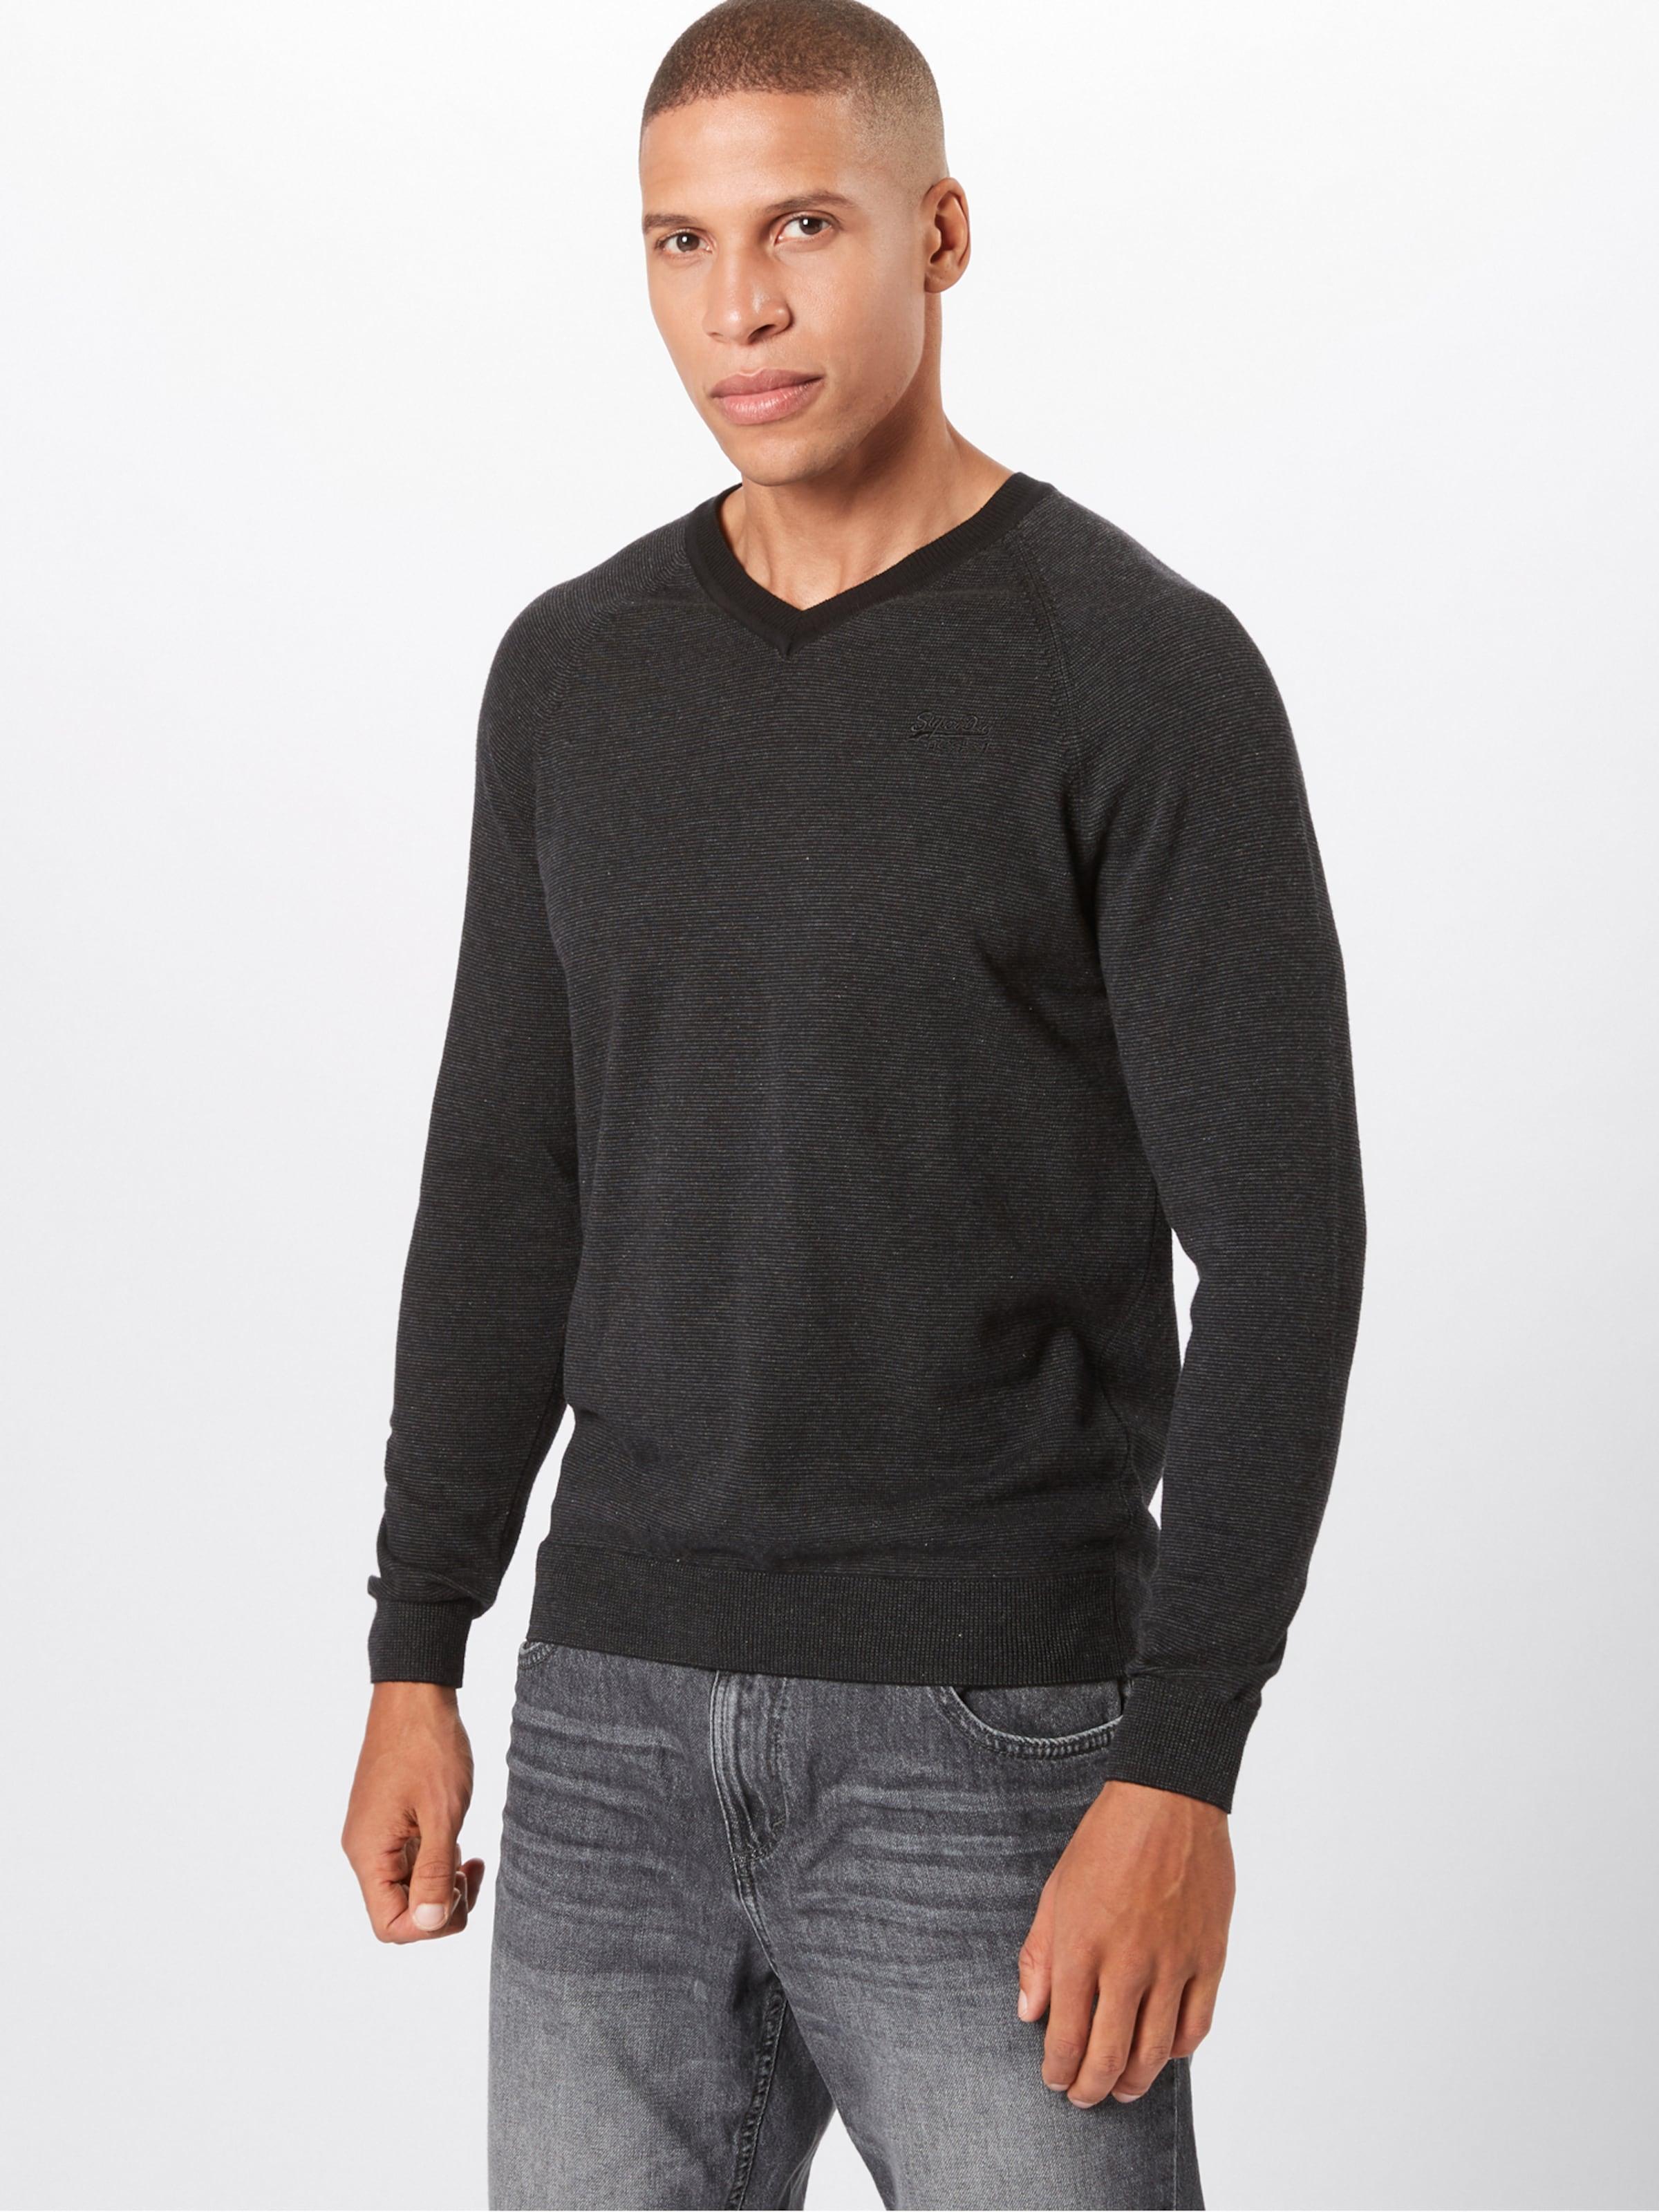 Pullover In Cotton Label Superdry Vee' 'orange Dunkelgrau 6yYbfg7v